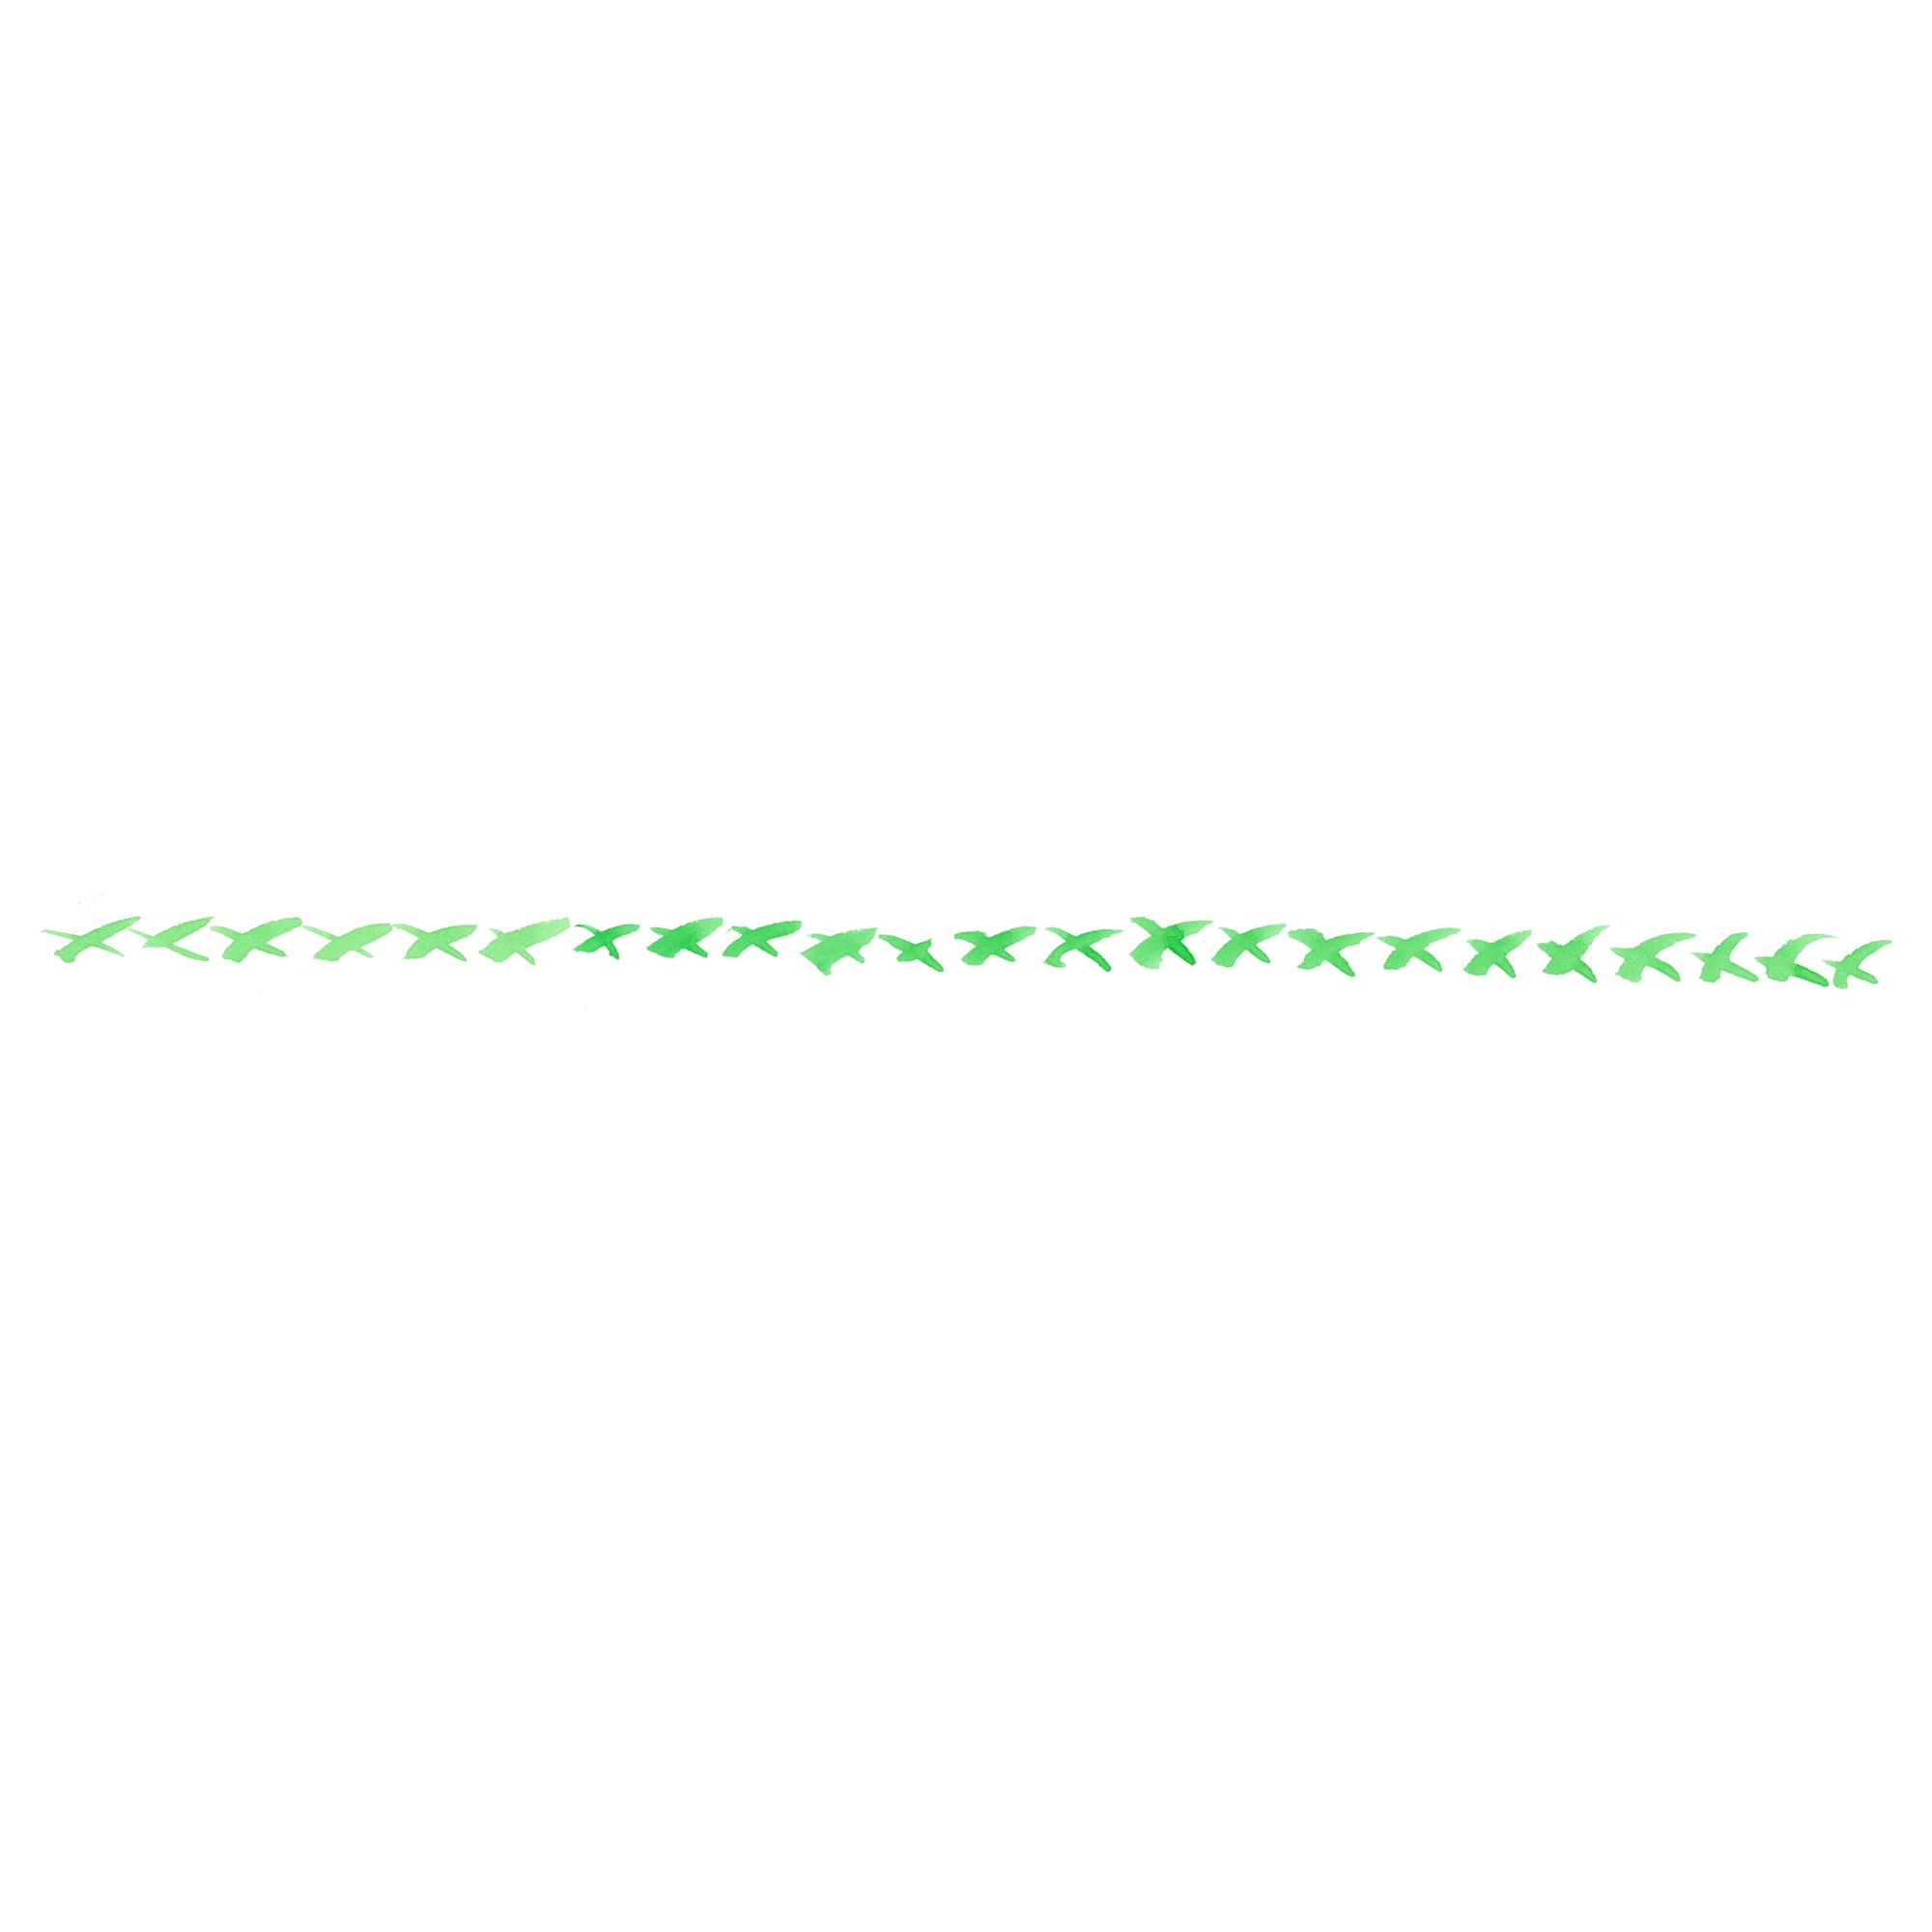 【最新】 數字 イラスト 無料 おしゃれ ~ 無料の印刷可能な ...